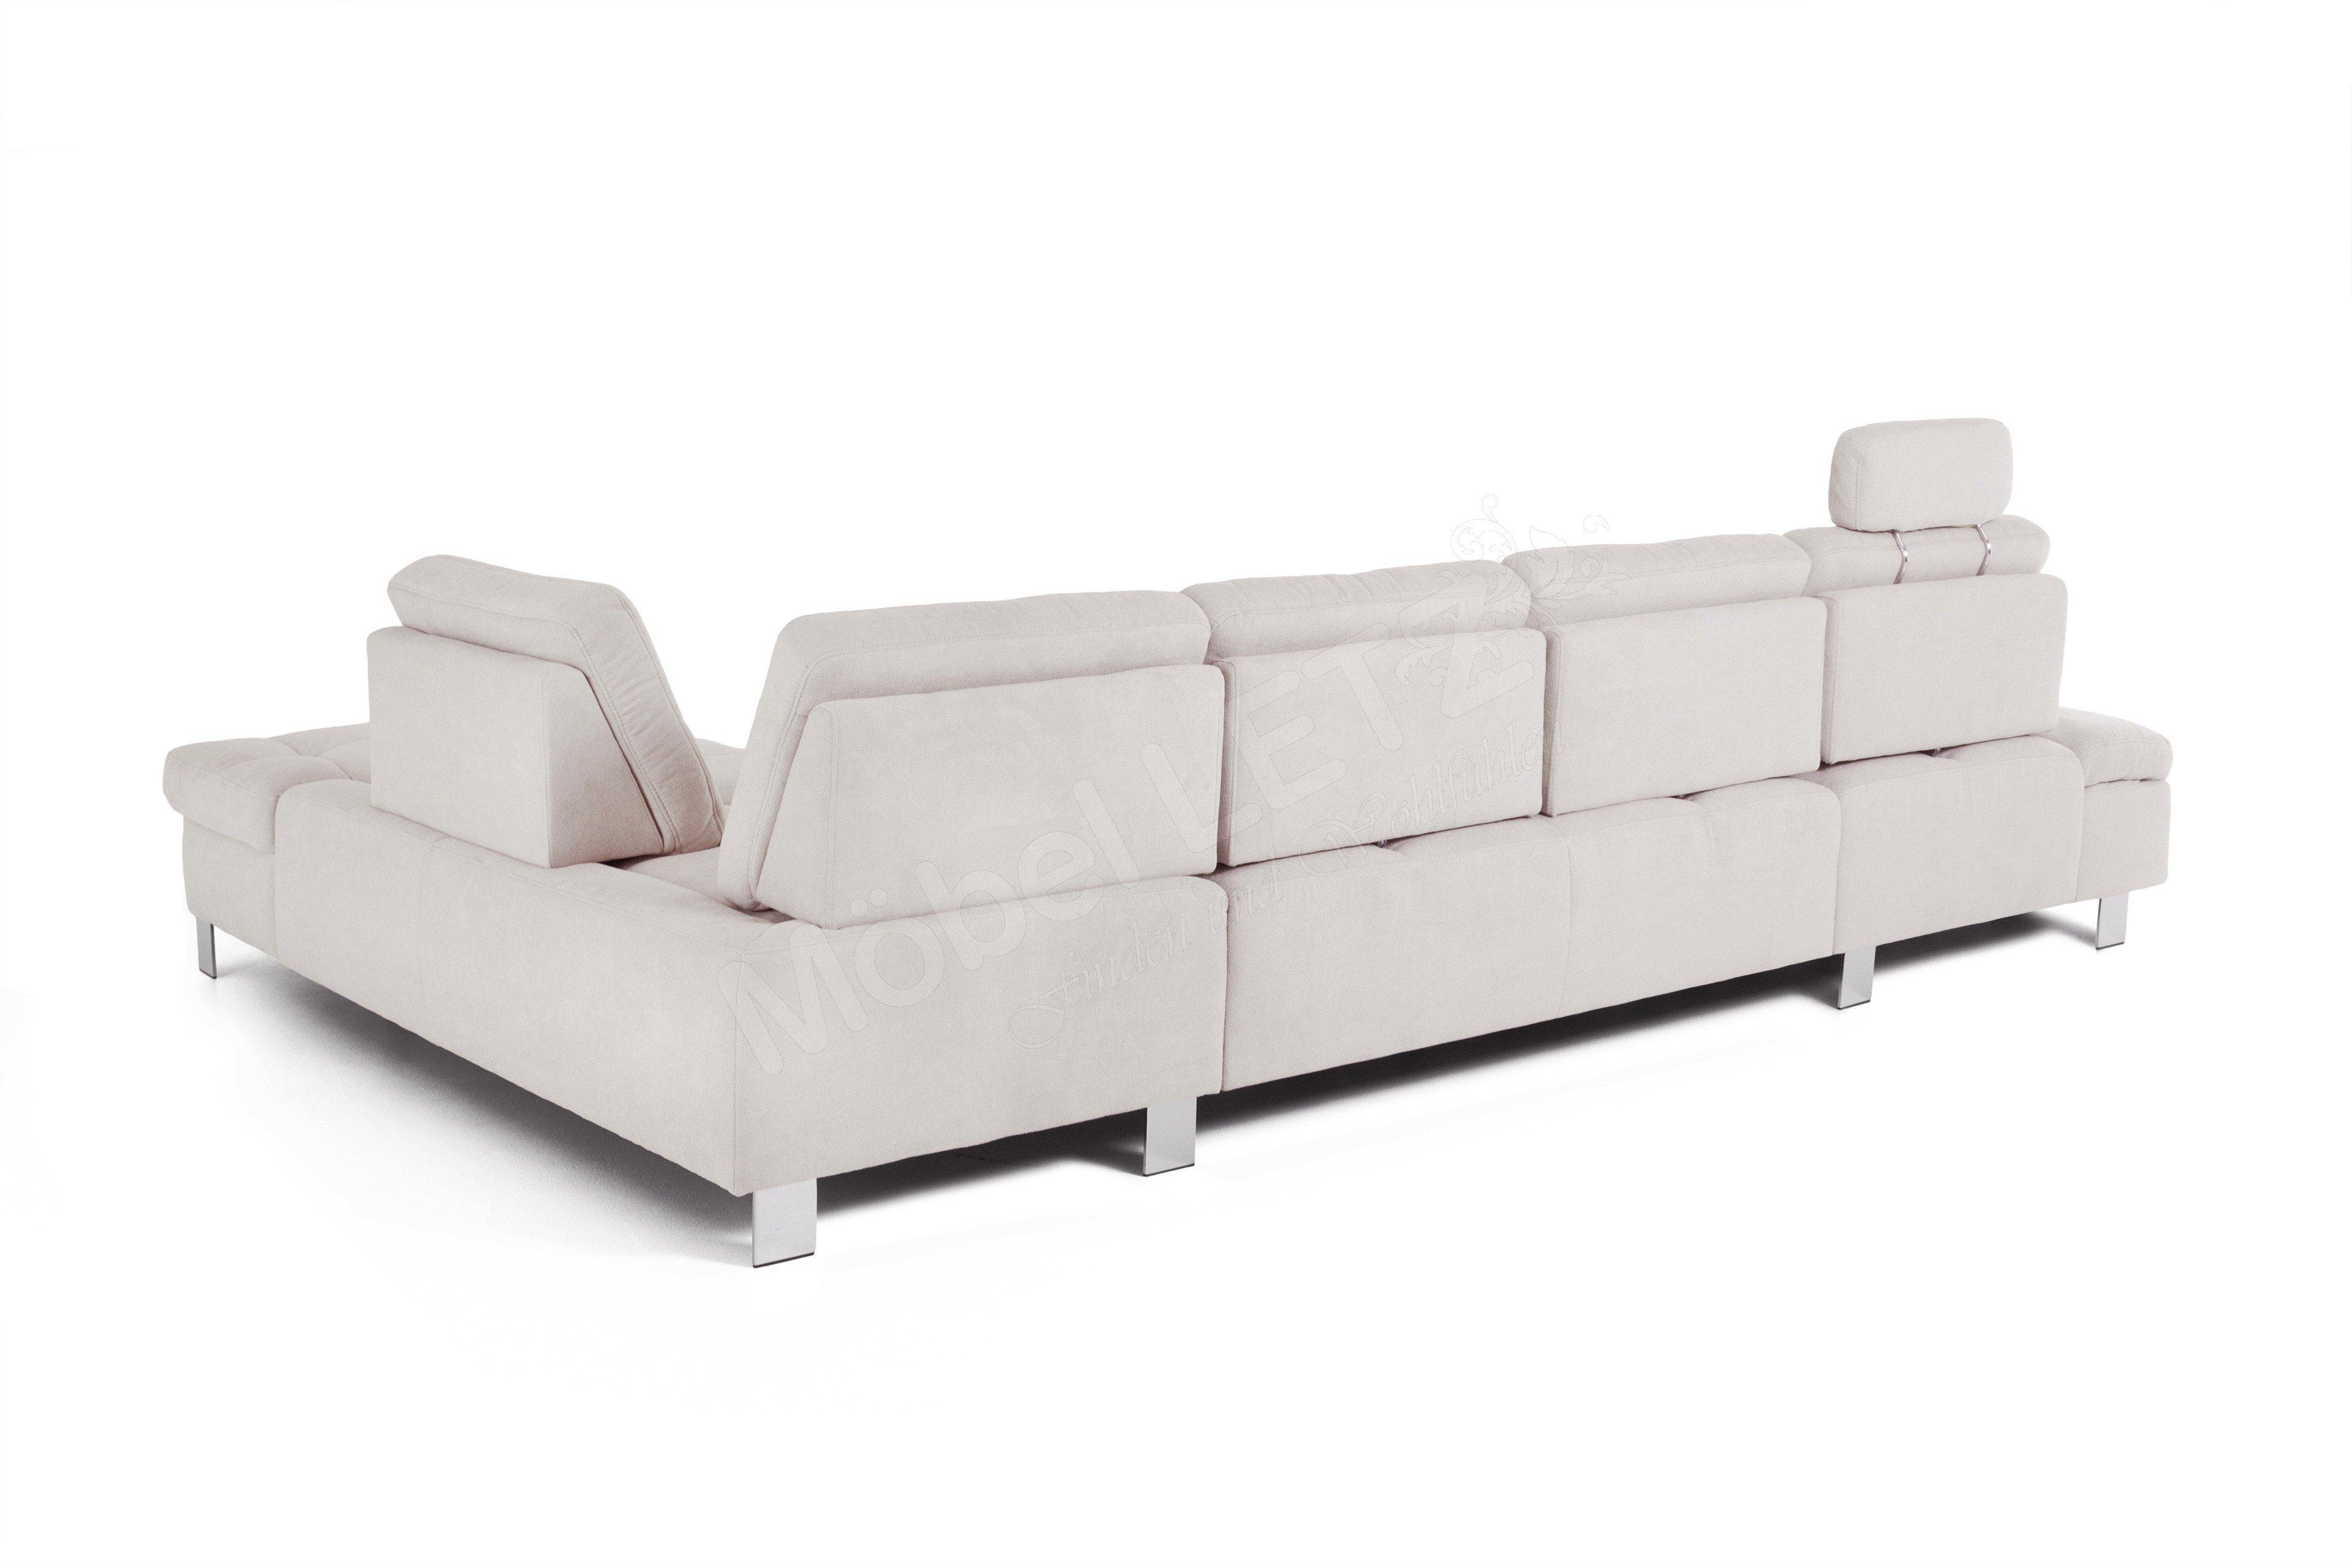 poco polsterm bel avellino wohnlandschaft in grau wei m bel letz ihr online shop. Black Bedroom Furniture Sets. Home Design Ideas